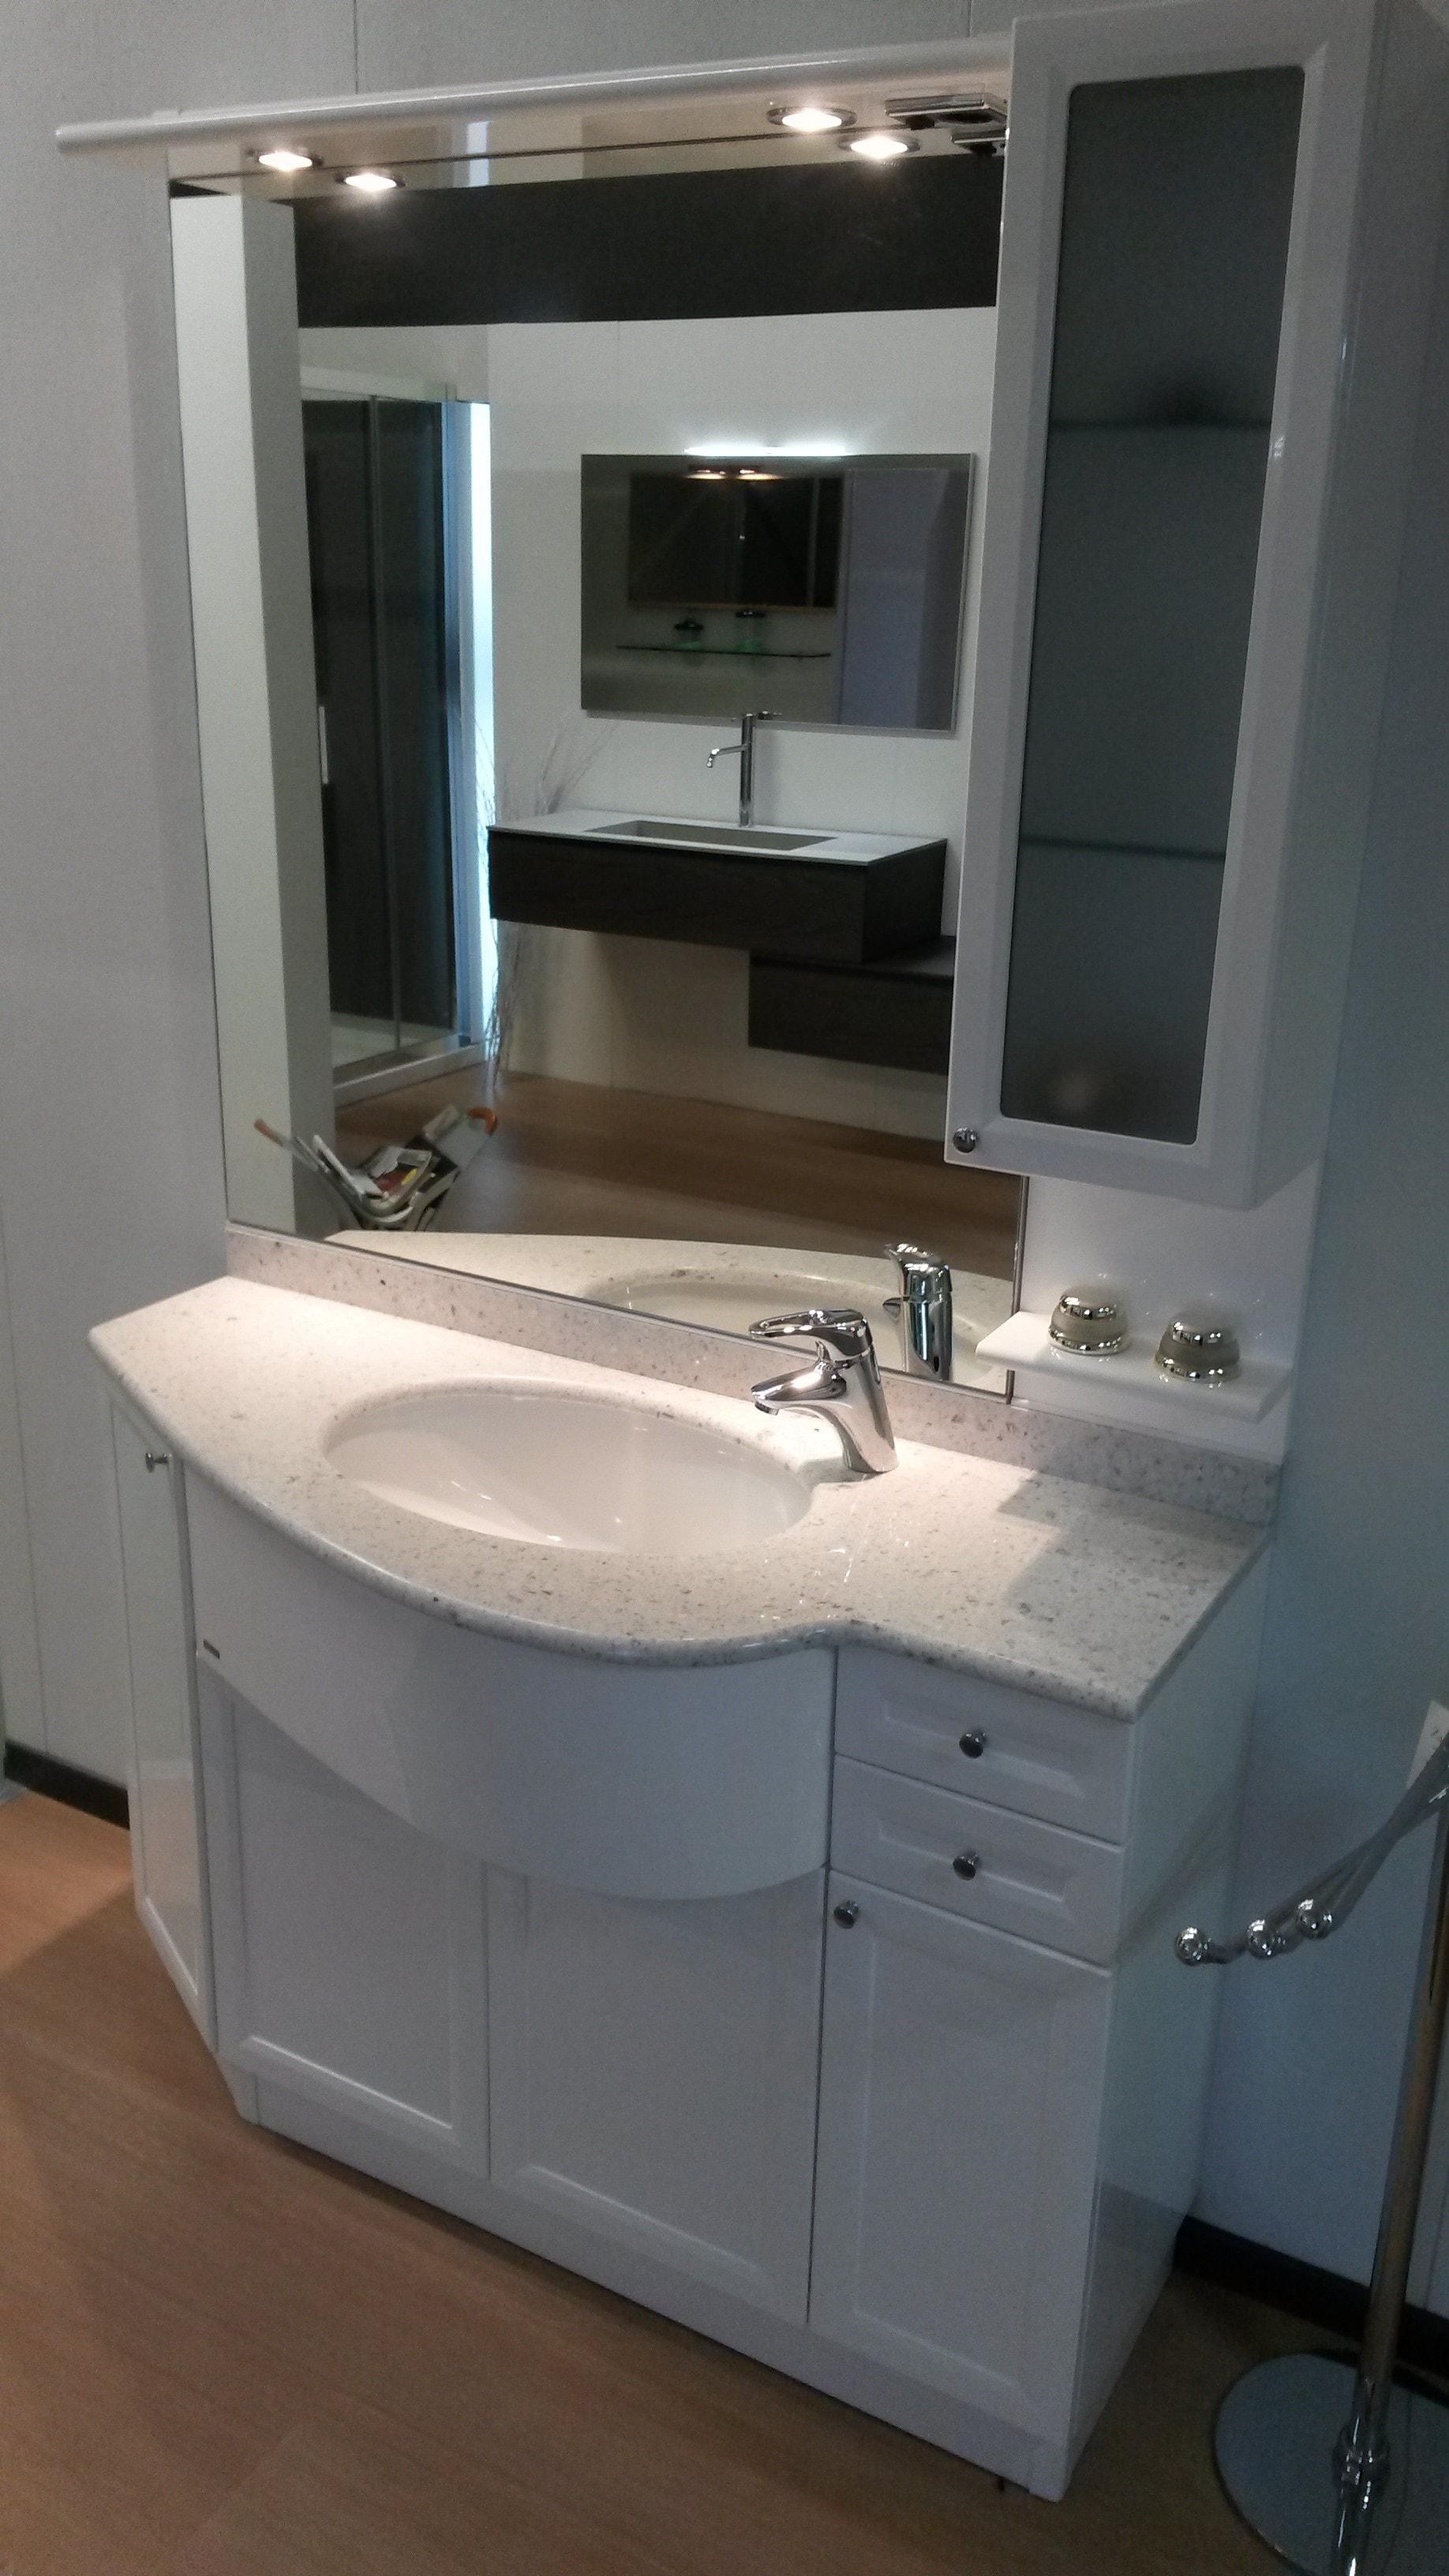 Mobili bagno ideagroup prezzi finest mobili da bagno - Prezzi mobili bagno ...